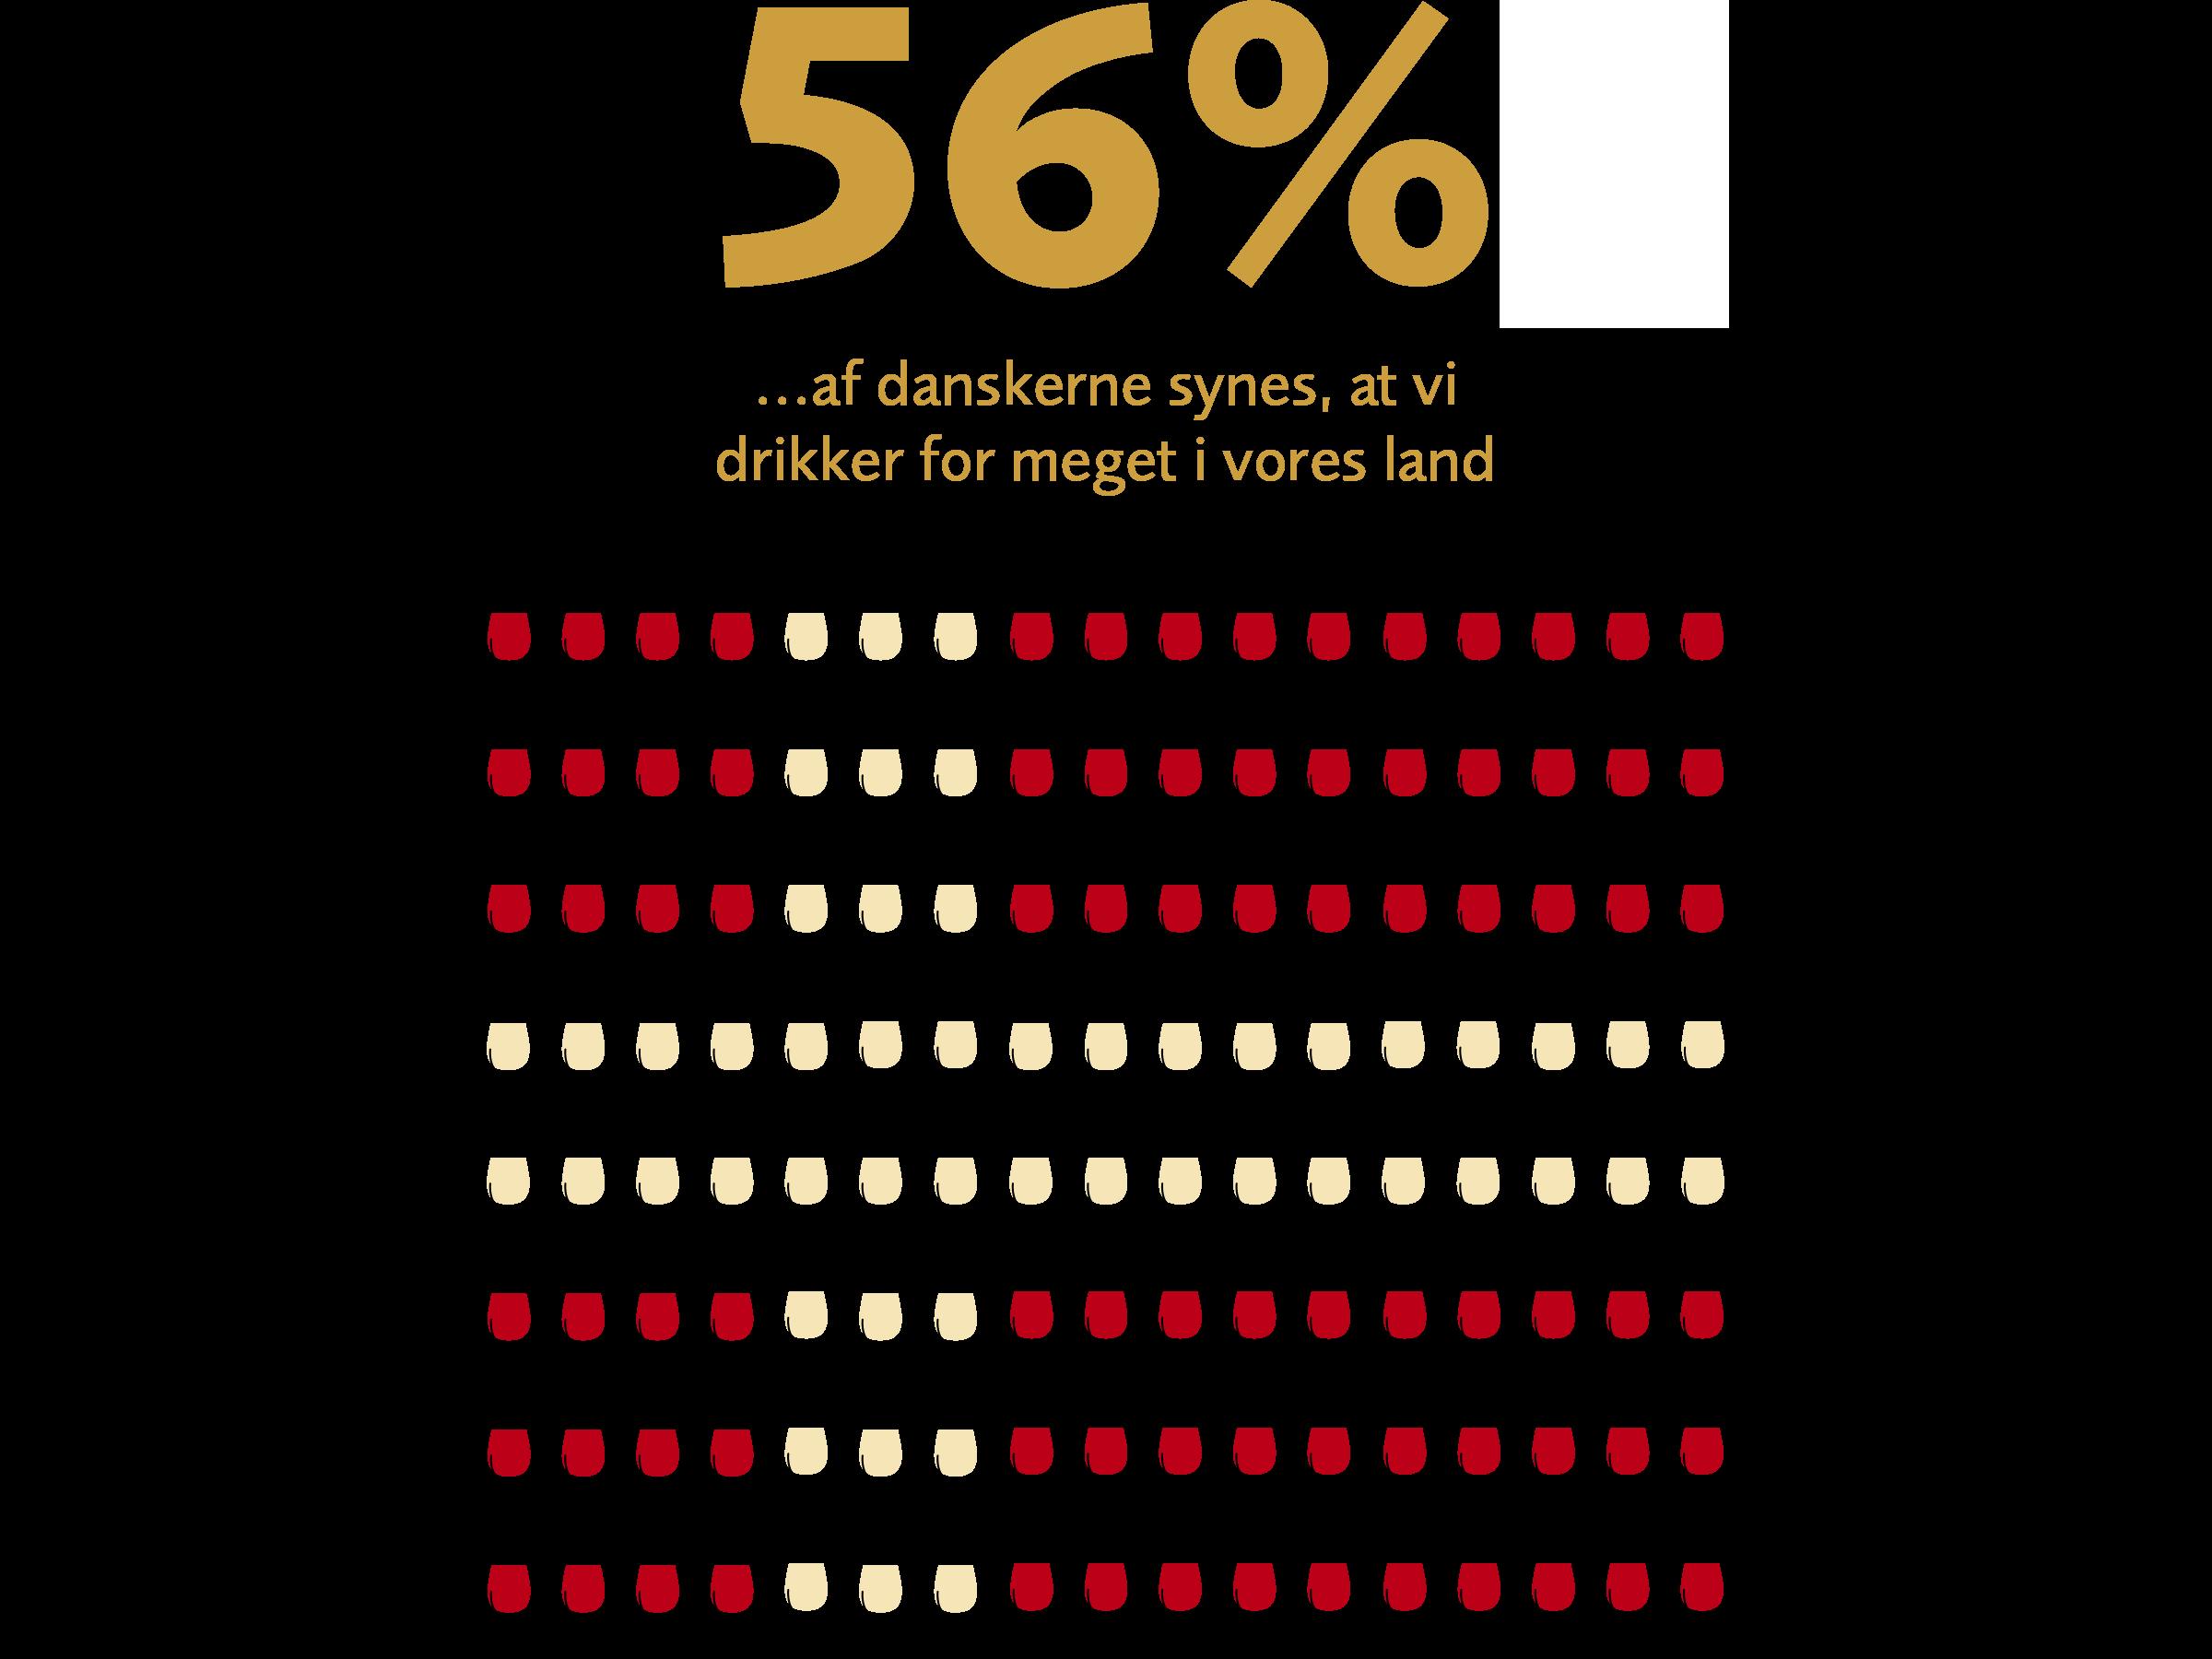 Grafik: Kræftens Bekæmpelse